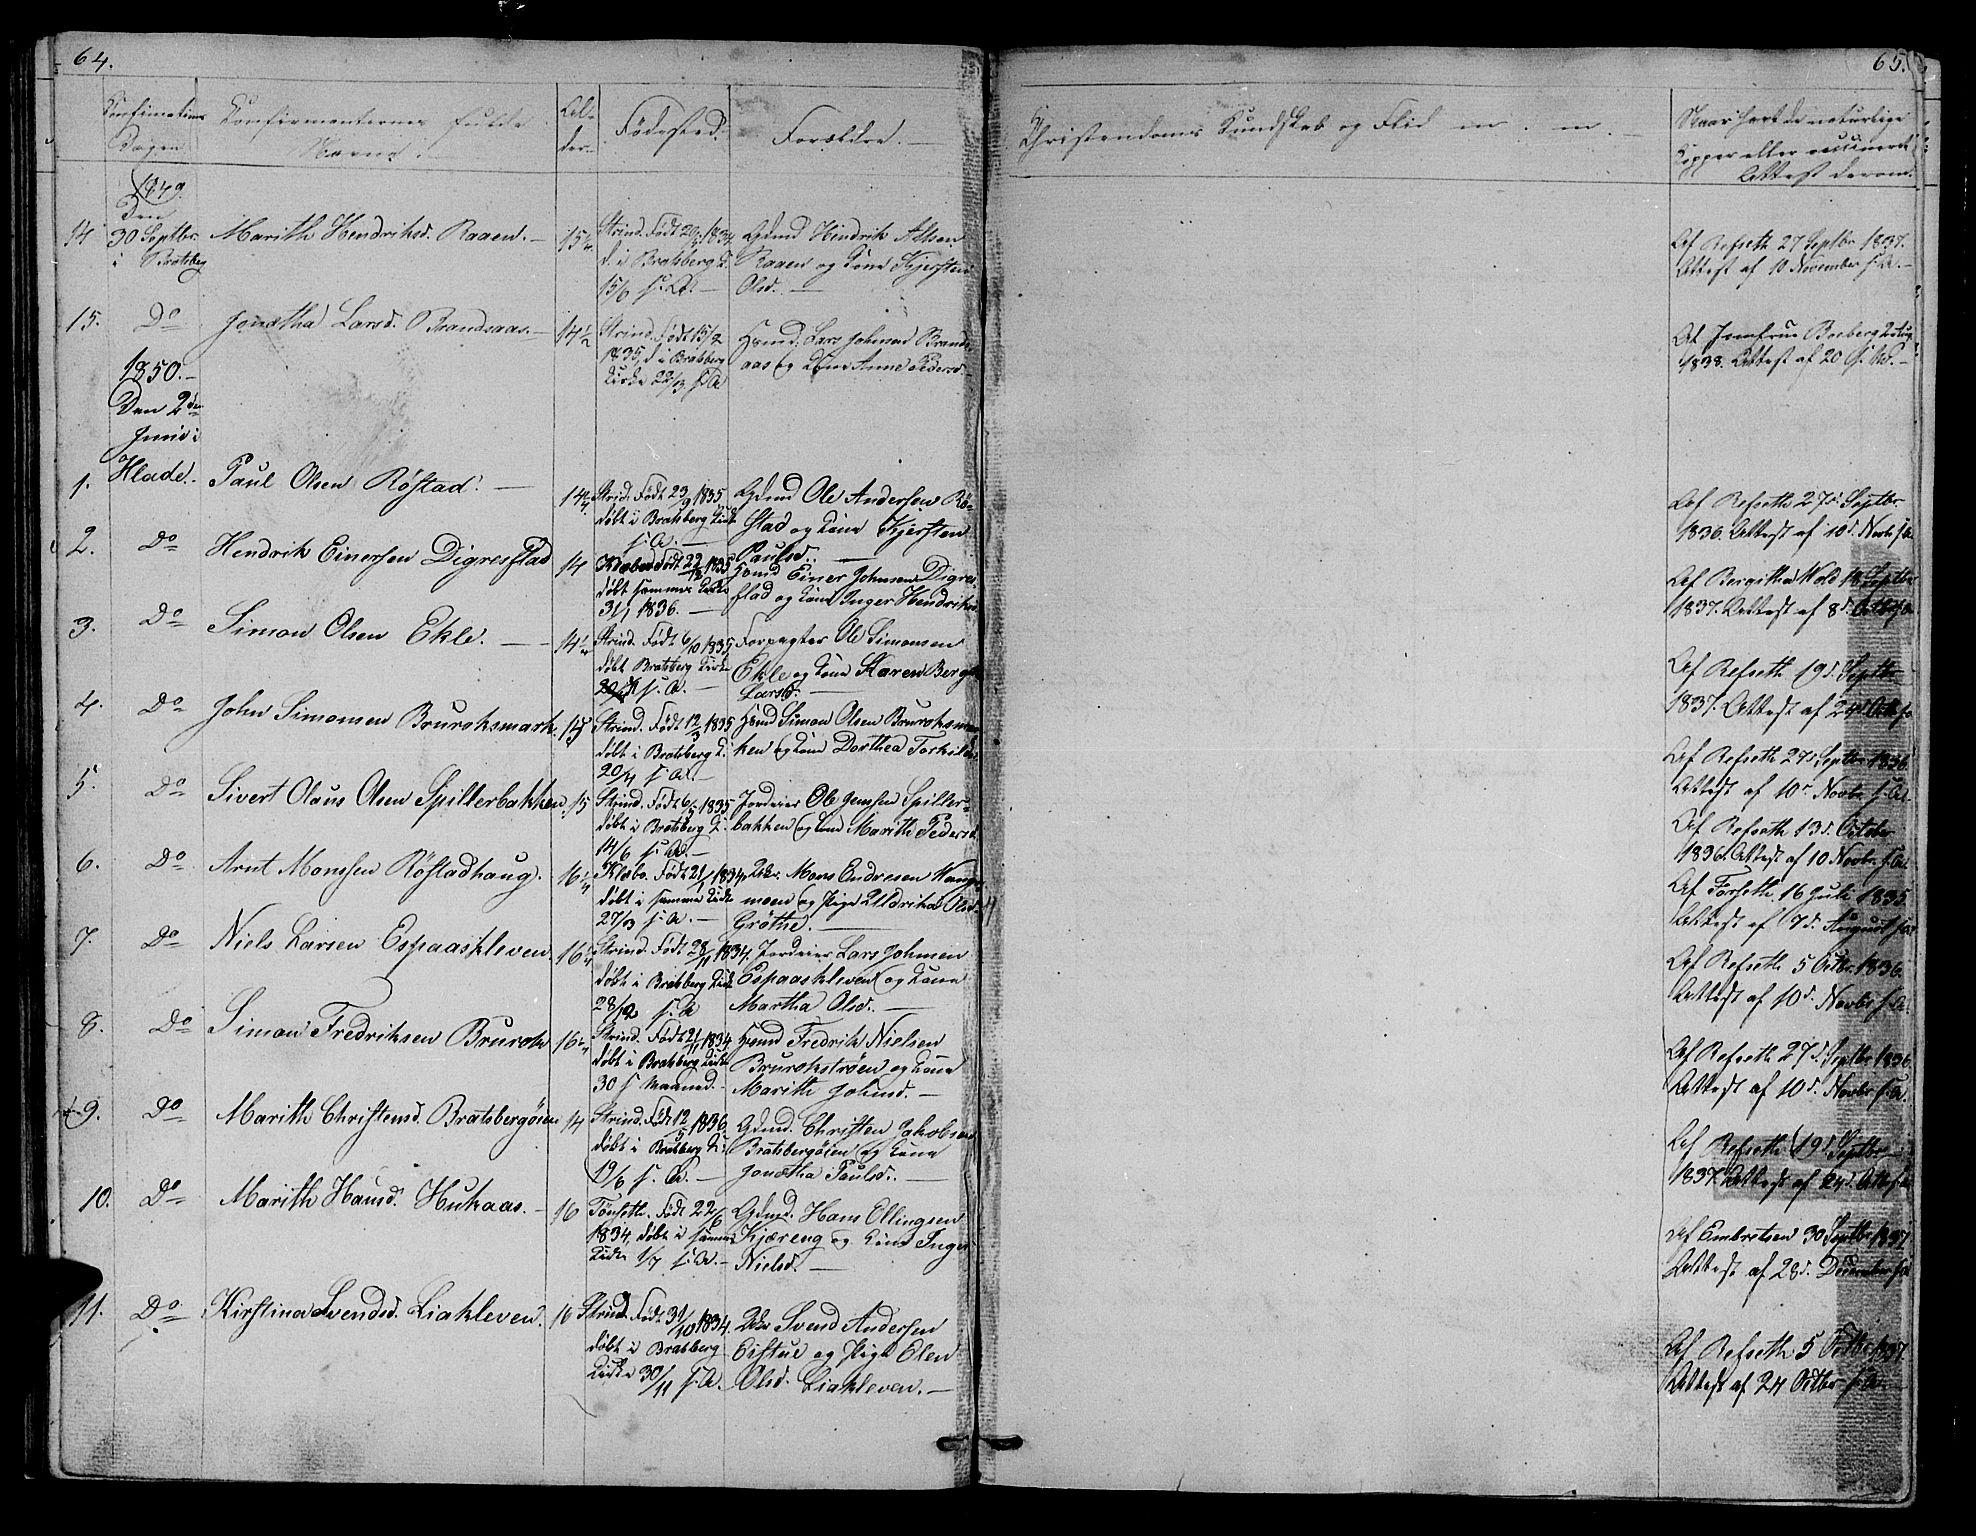 SAT, Ministerialprotokoller, klokkerbøker og fødselsregistre - Sør-Trøndelag, 608/L0339: Klokkerbok nr. 608C05, 1844-1863, s. 64-65